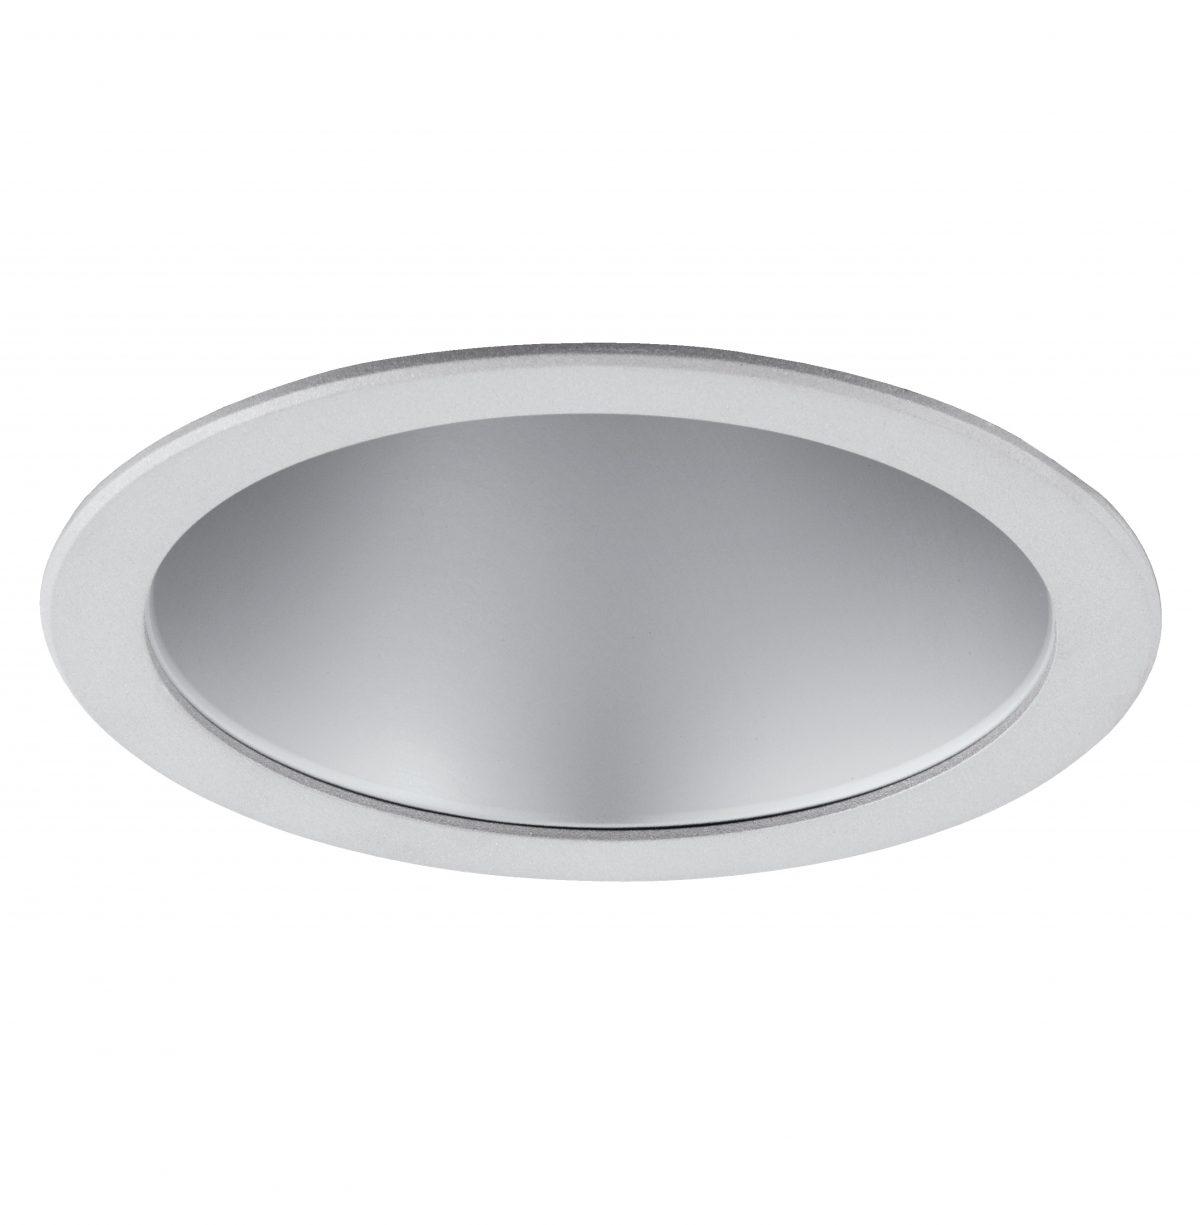 Светильник настенно-потолочный 146/PROFESSIONAL LI EGLO 61259 - Фото №28